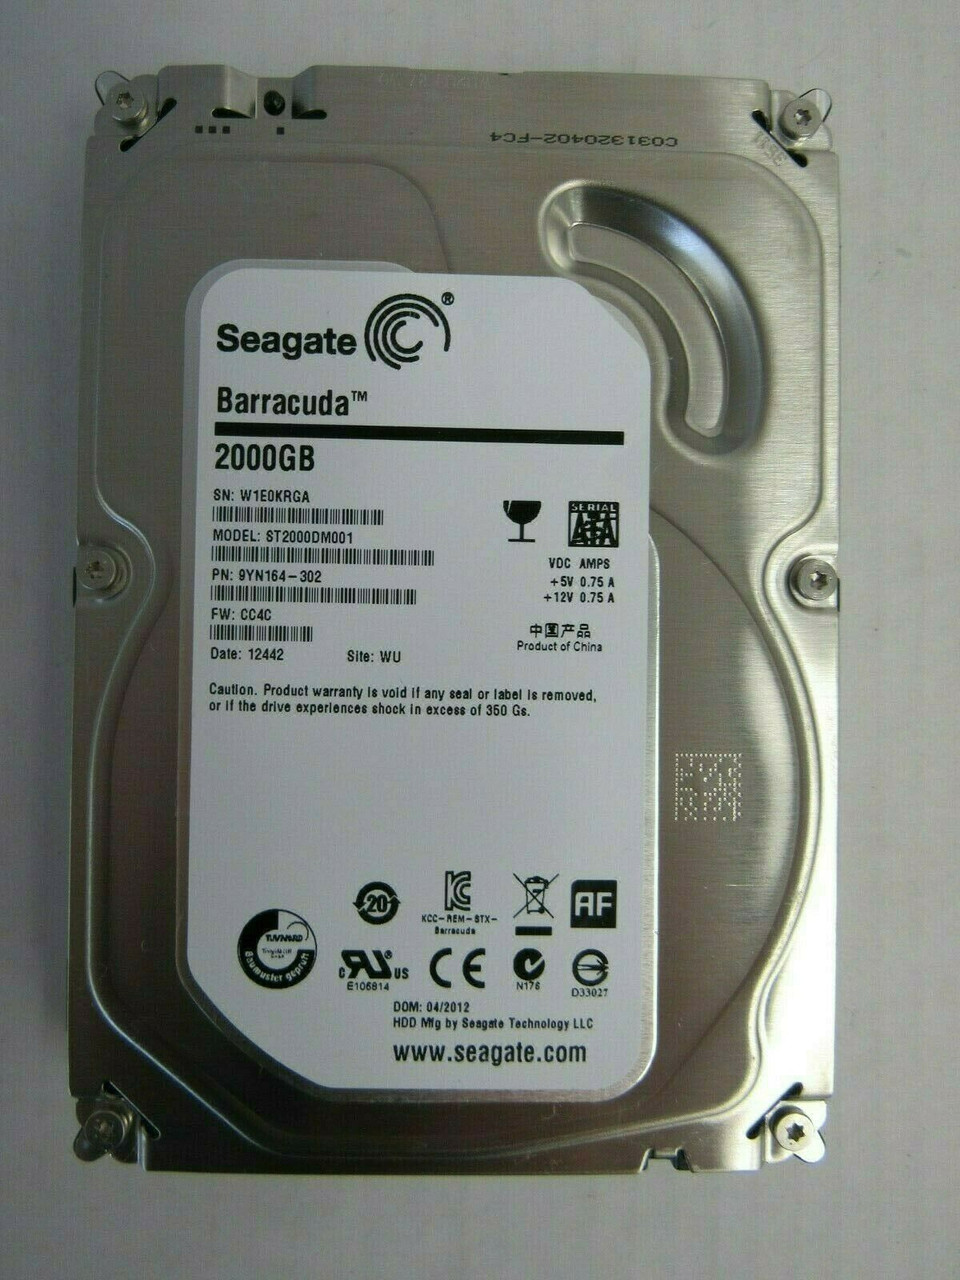 """ST2000DM001 Seagate Barracuda 2TB 9YN164-302 2TB 3.5/"""" 7200RPM HDD"""